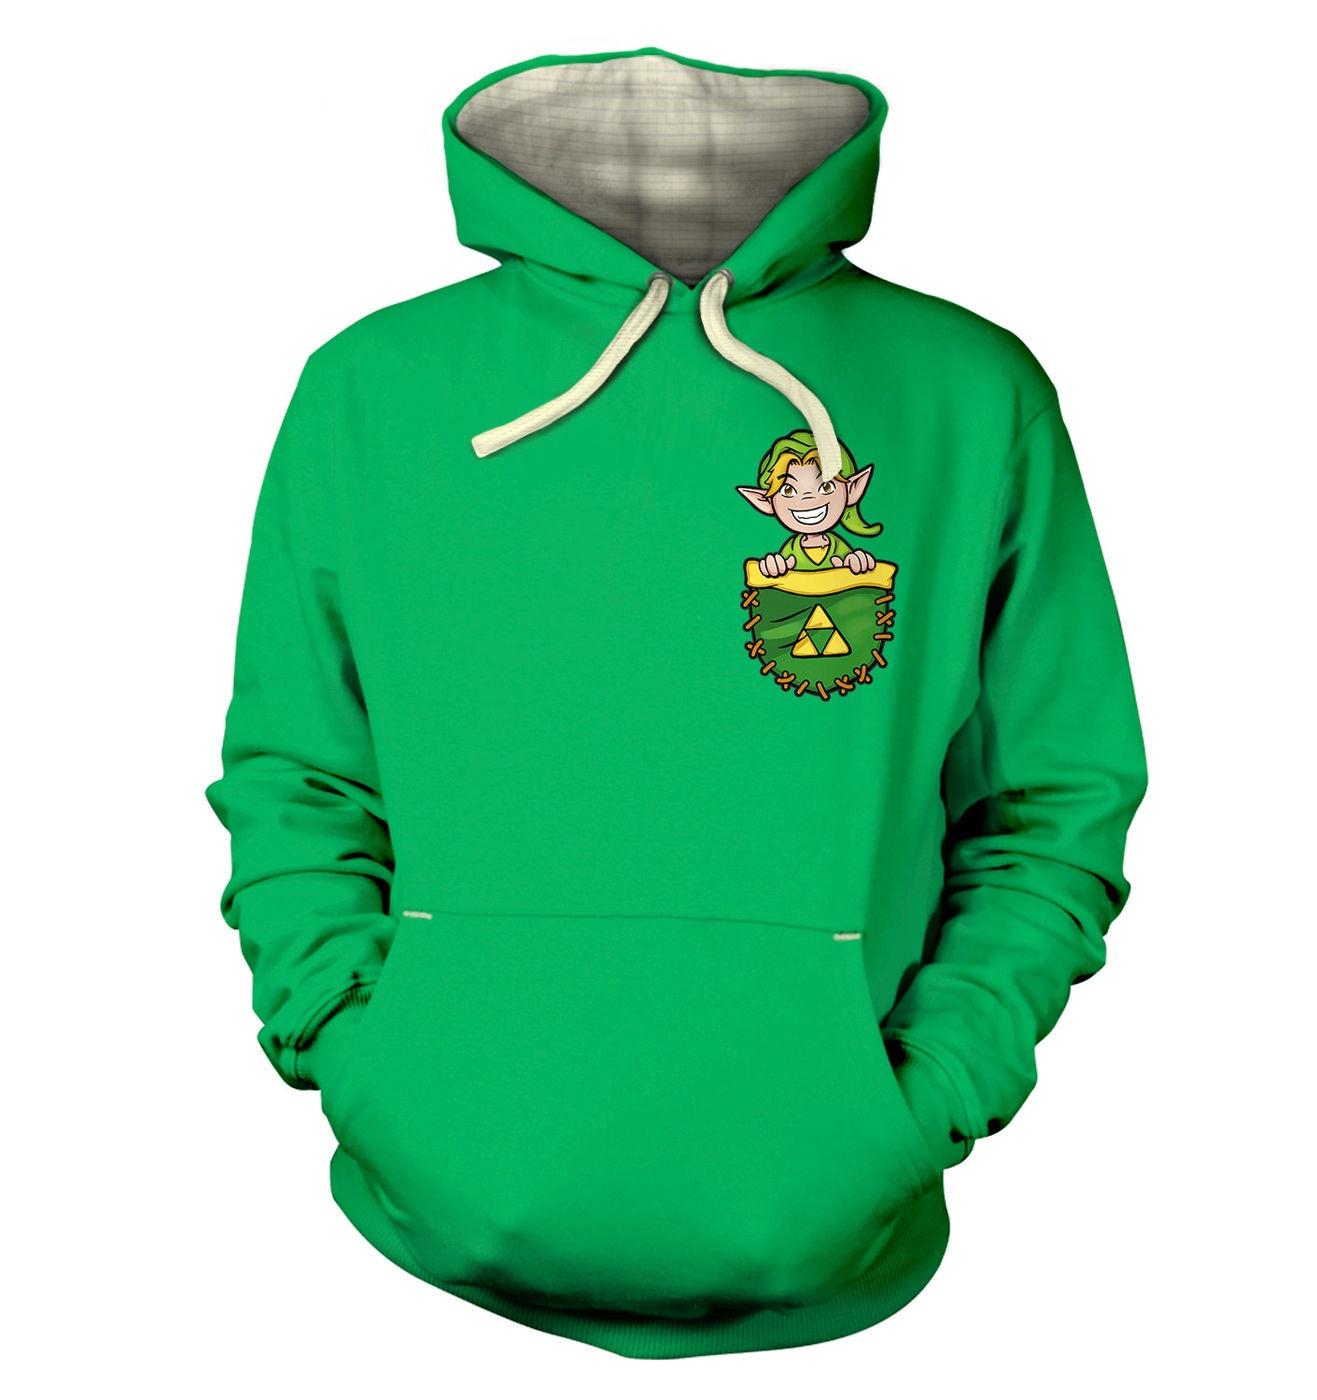 Pocket Hyrule Warrior premium hoodie by Something Geeky